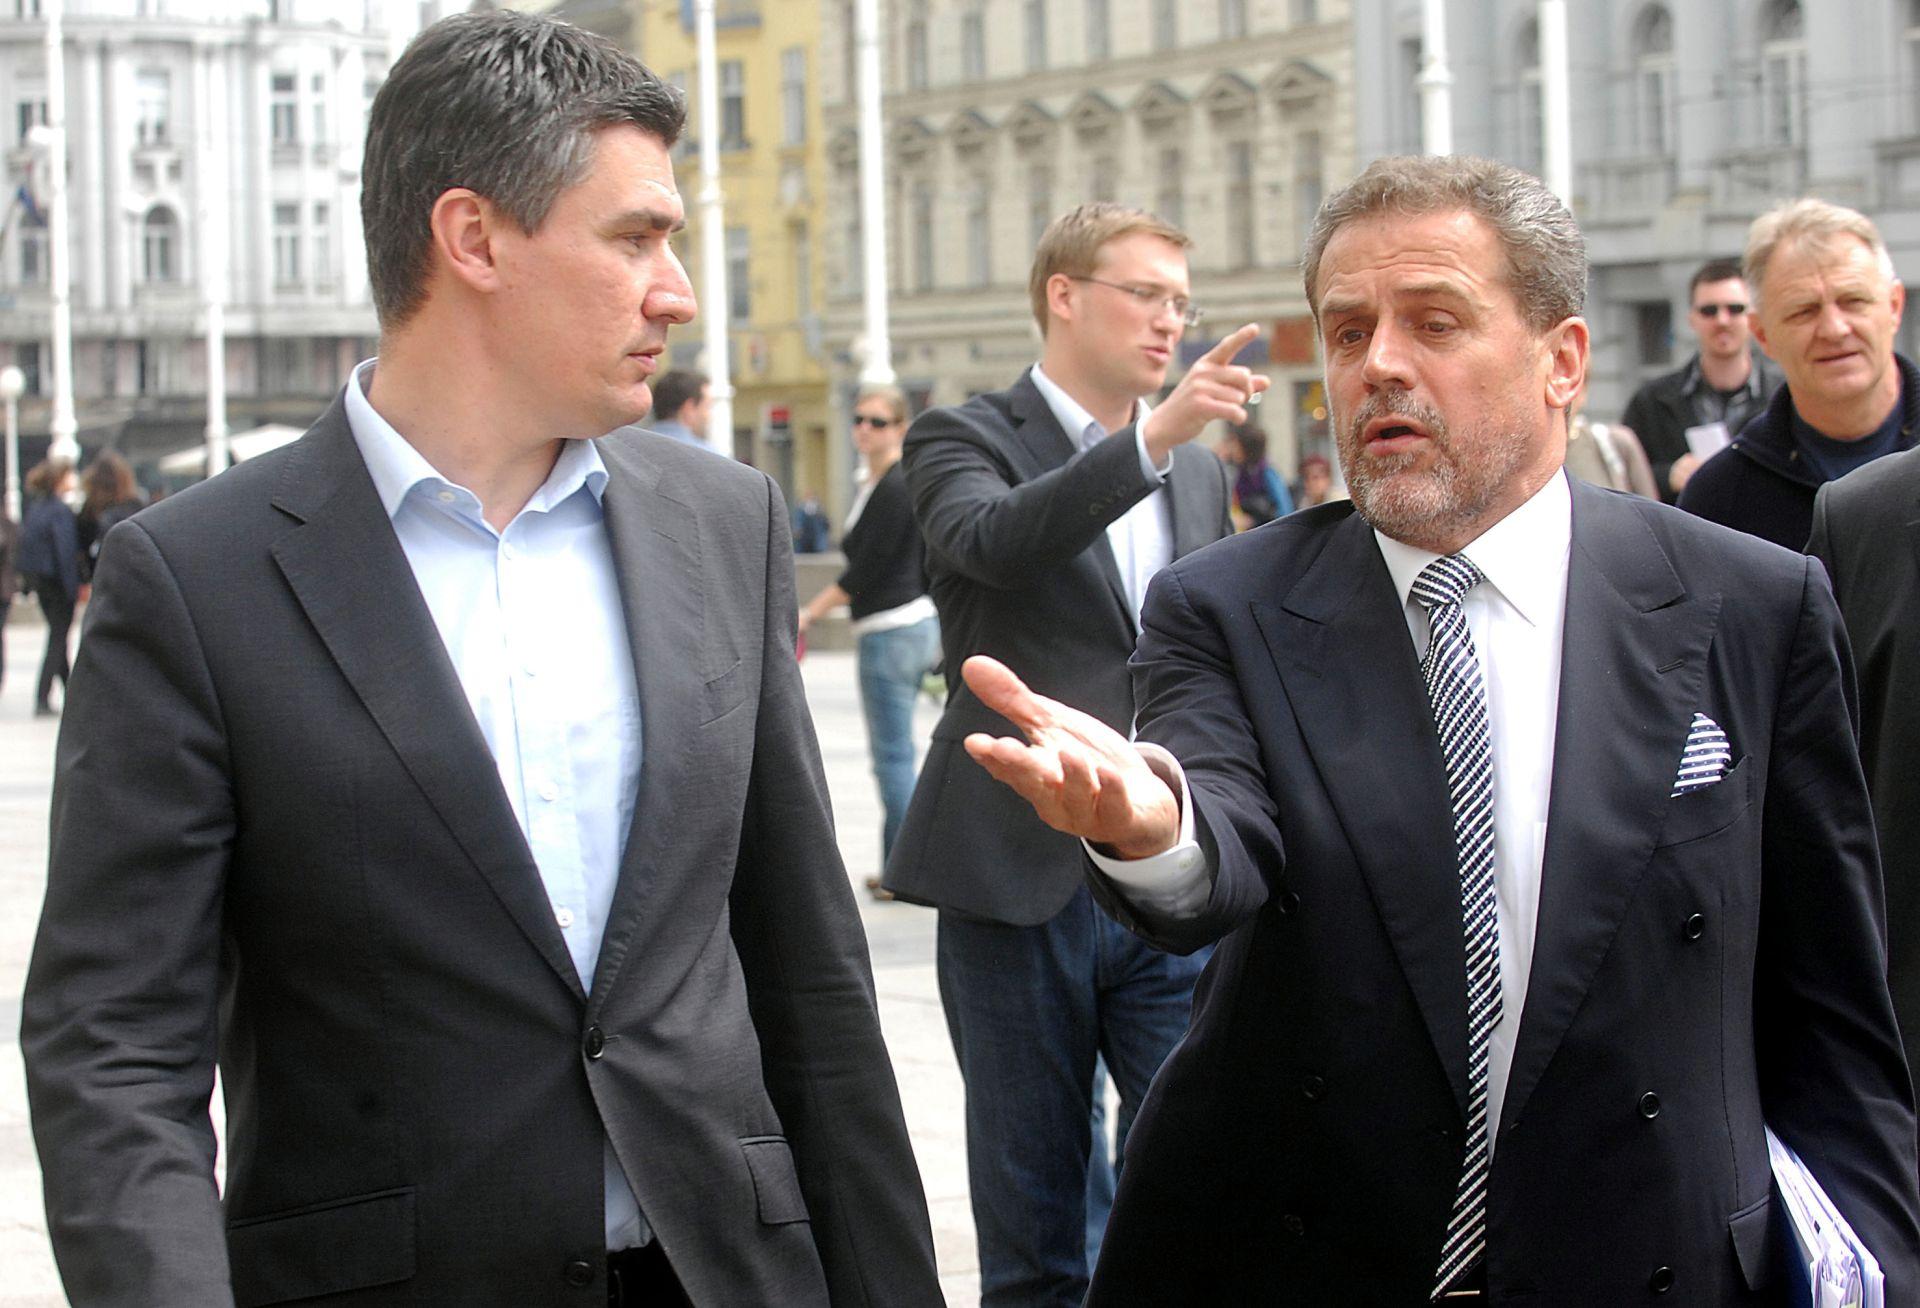 SPREMAN NA SURADNJU S SDP-om Bandić: 'I sa crnim vragom za boljitak domovine'